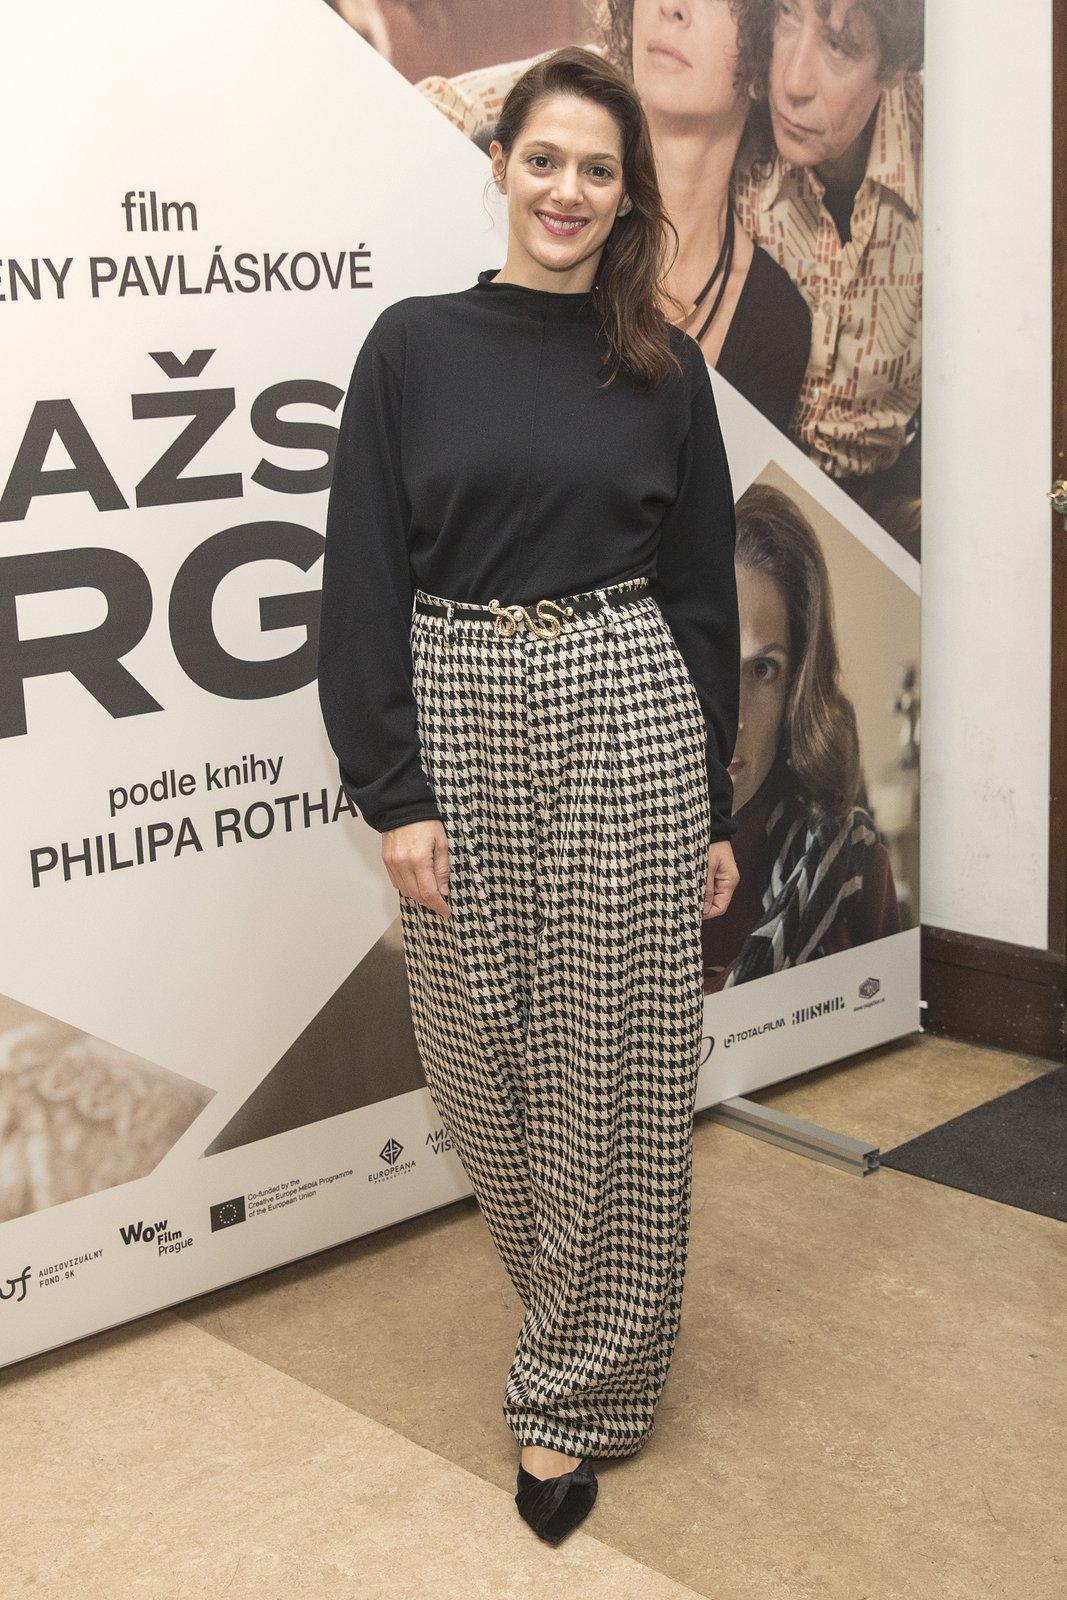 Premiéra filmu Pražské orgie: Klára Issová